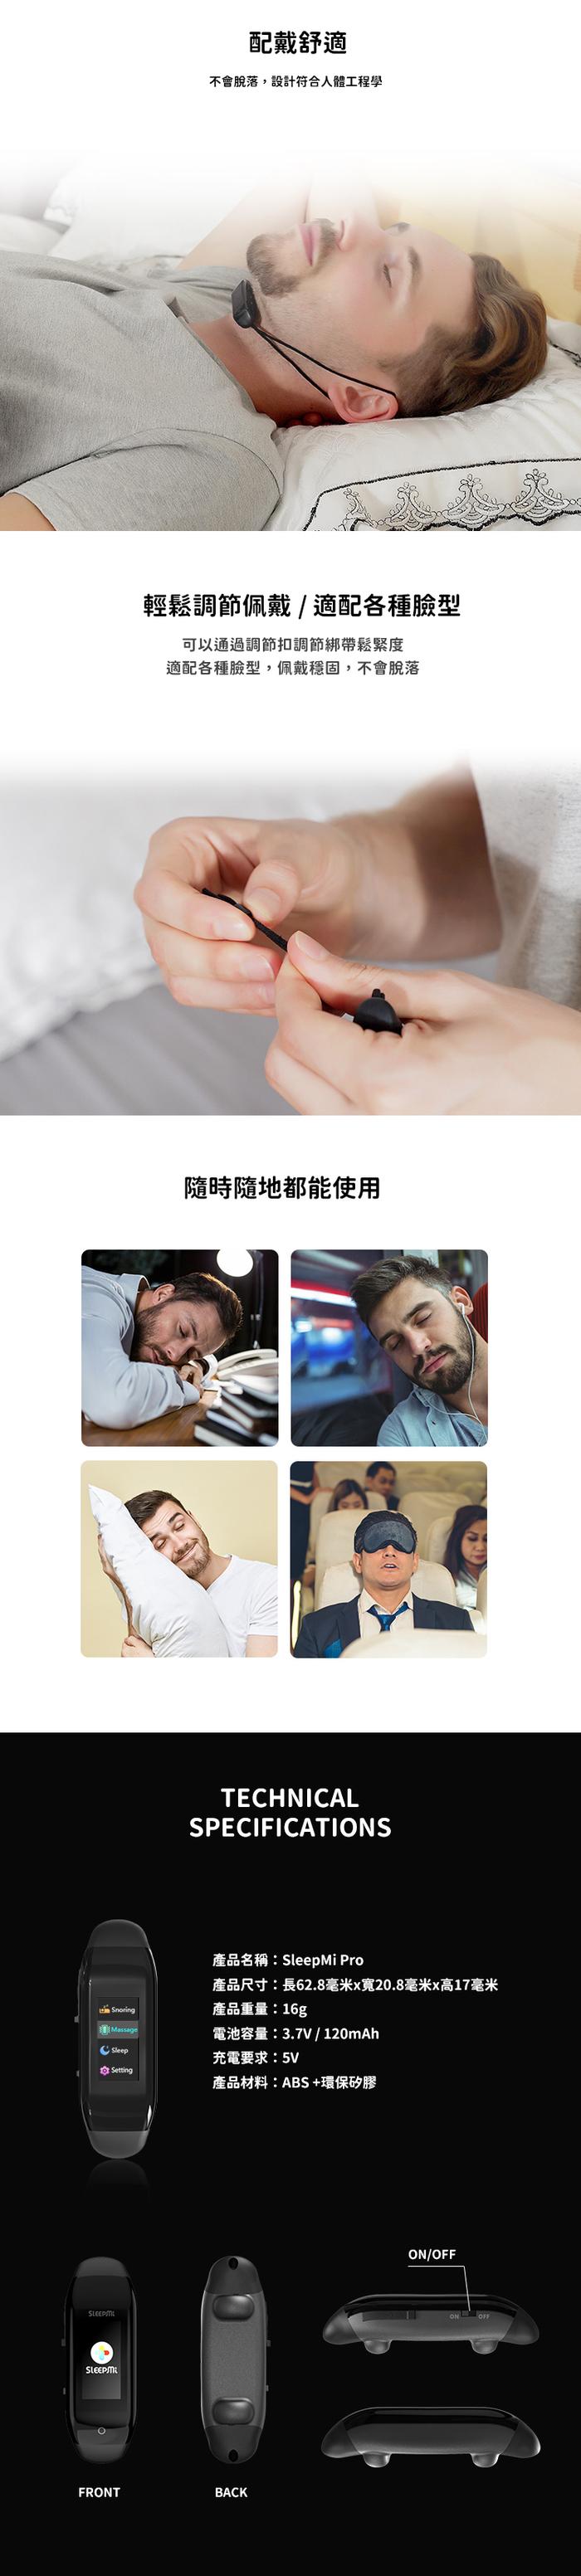 【集購】SleepMi Pro 智能下巴按摩器